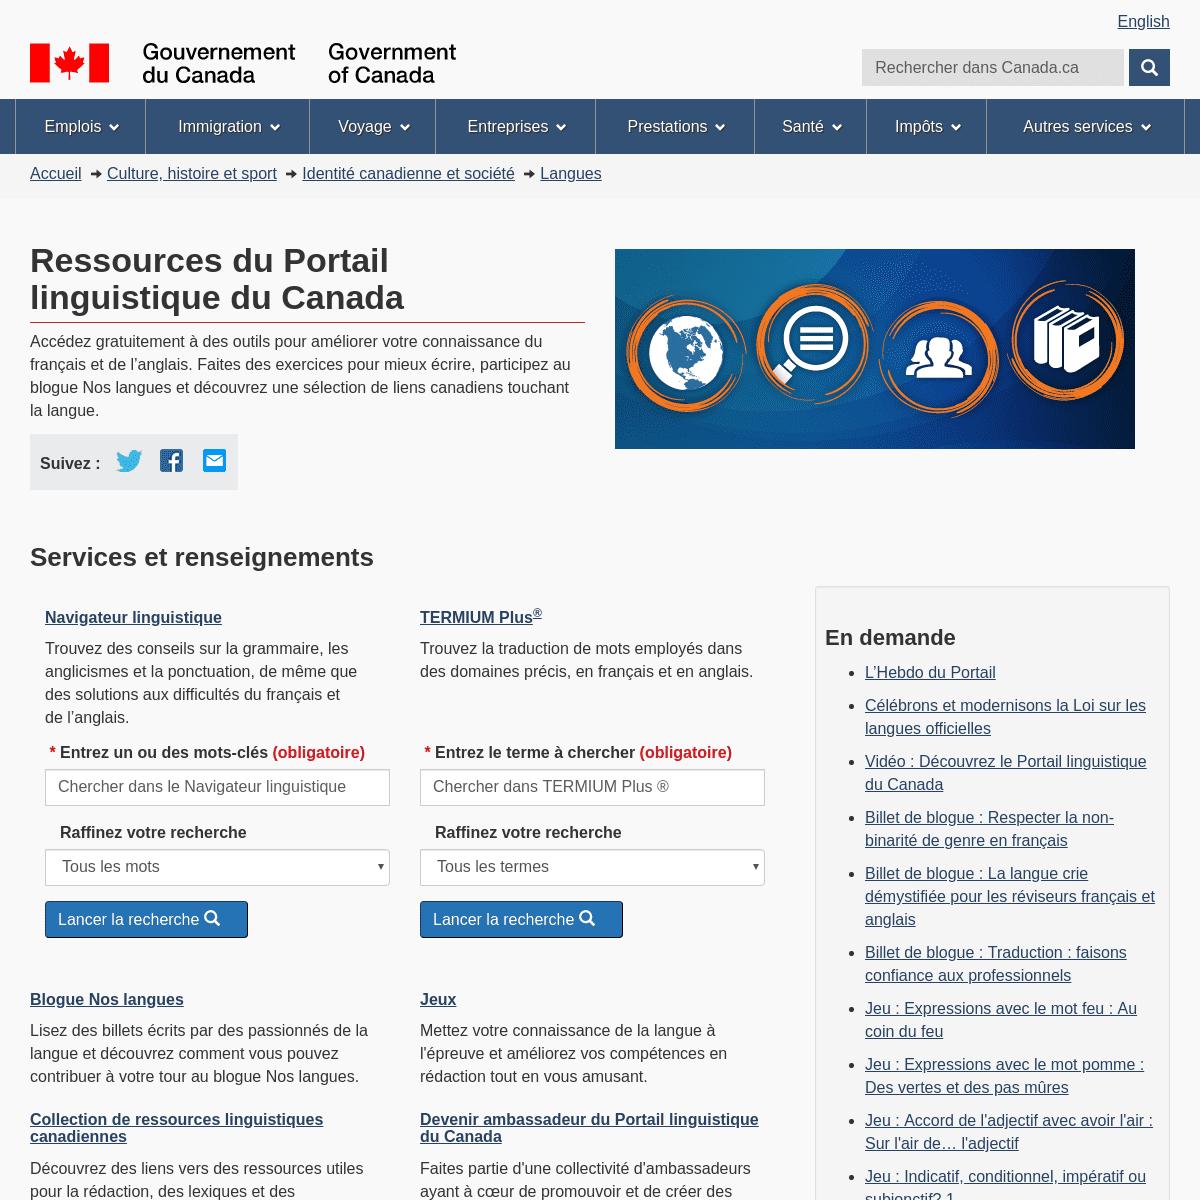 Ressources du Portail linguistique du Canada – Langues – Identité canadienne et société – Culture, histoire et sport �